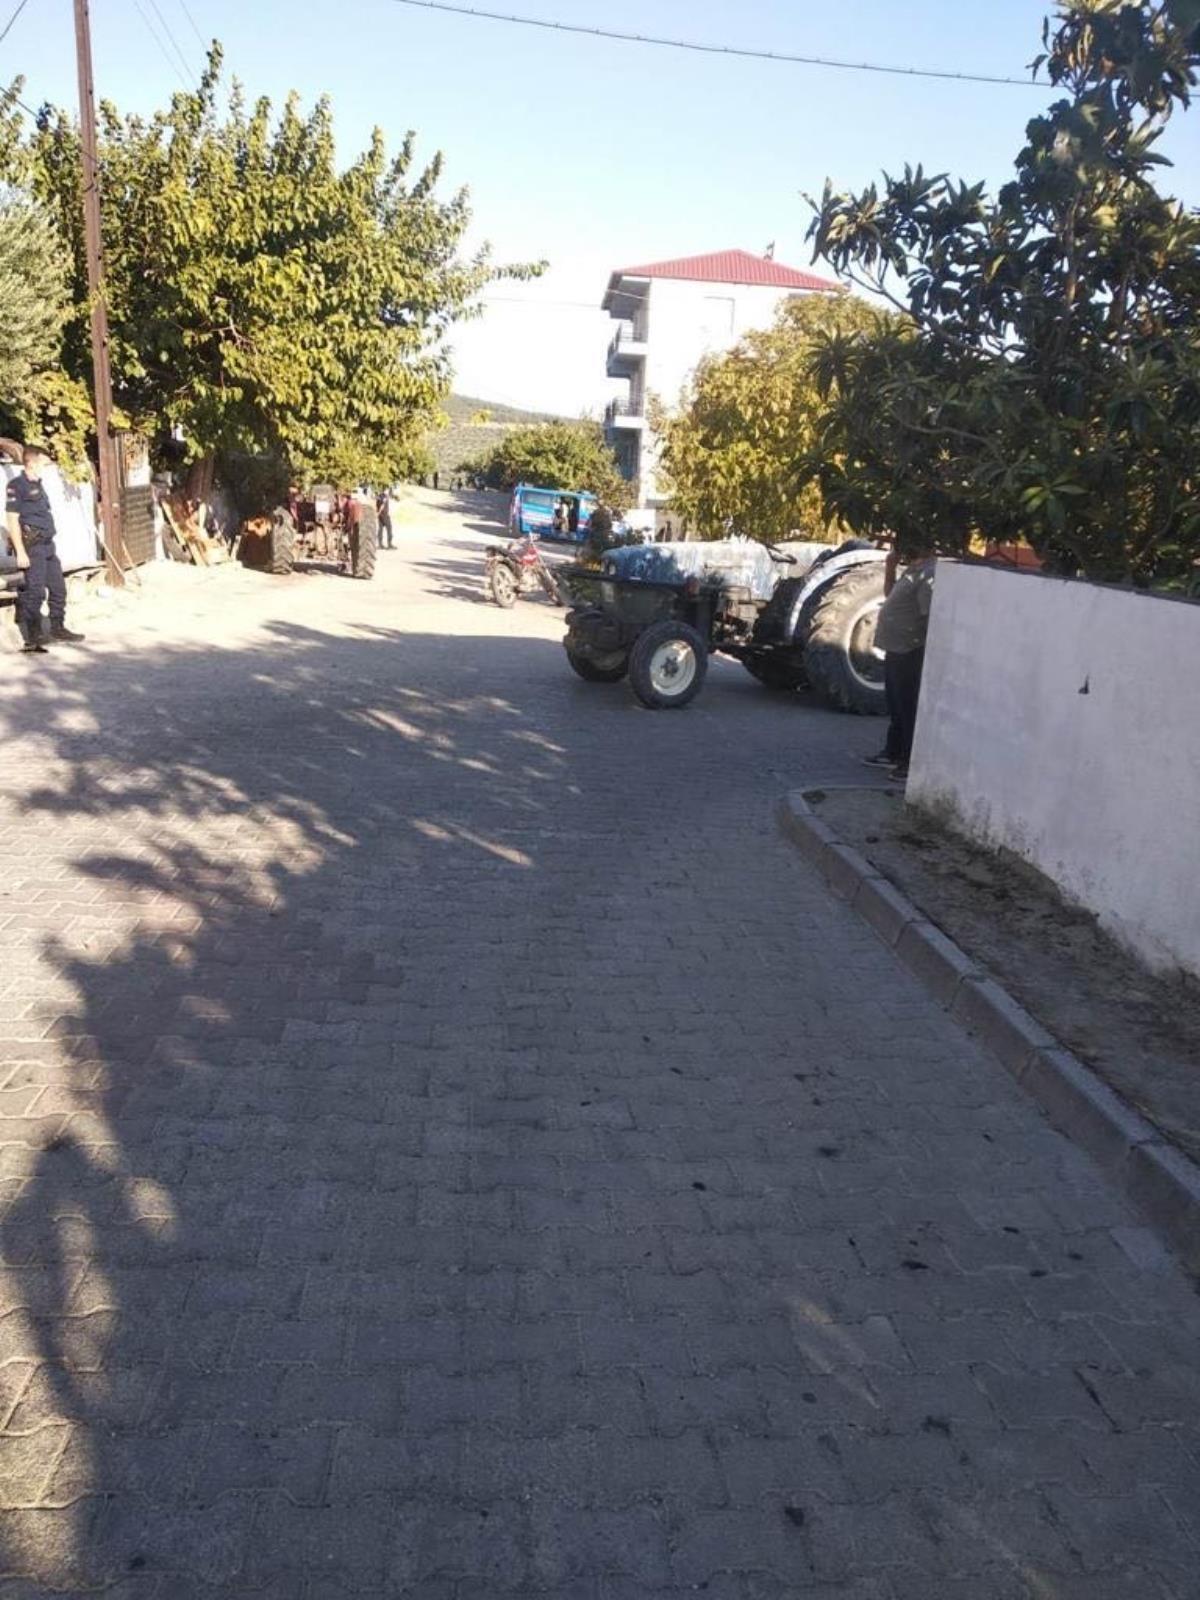 Manisa'da traktörle motosikletin çarpışması sonucu 1 kişi öldü, 2 kişi yaralandı